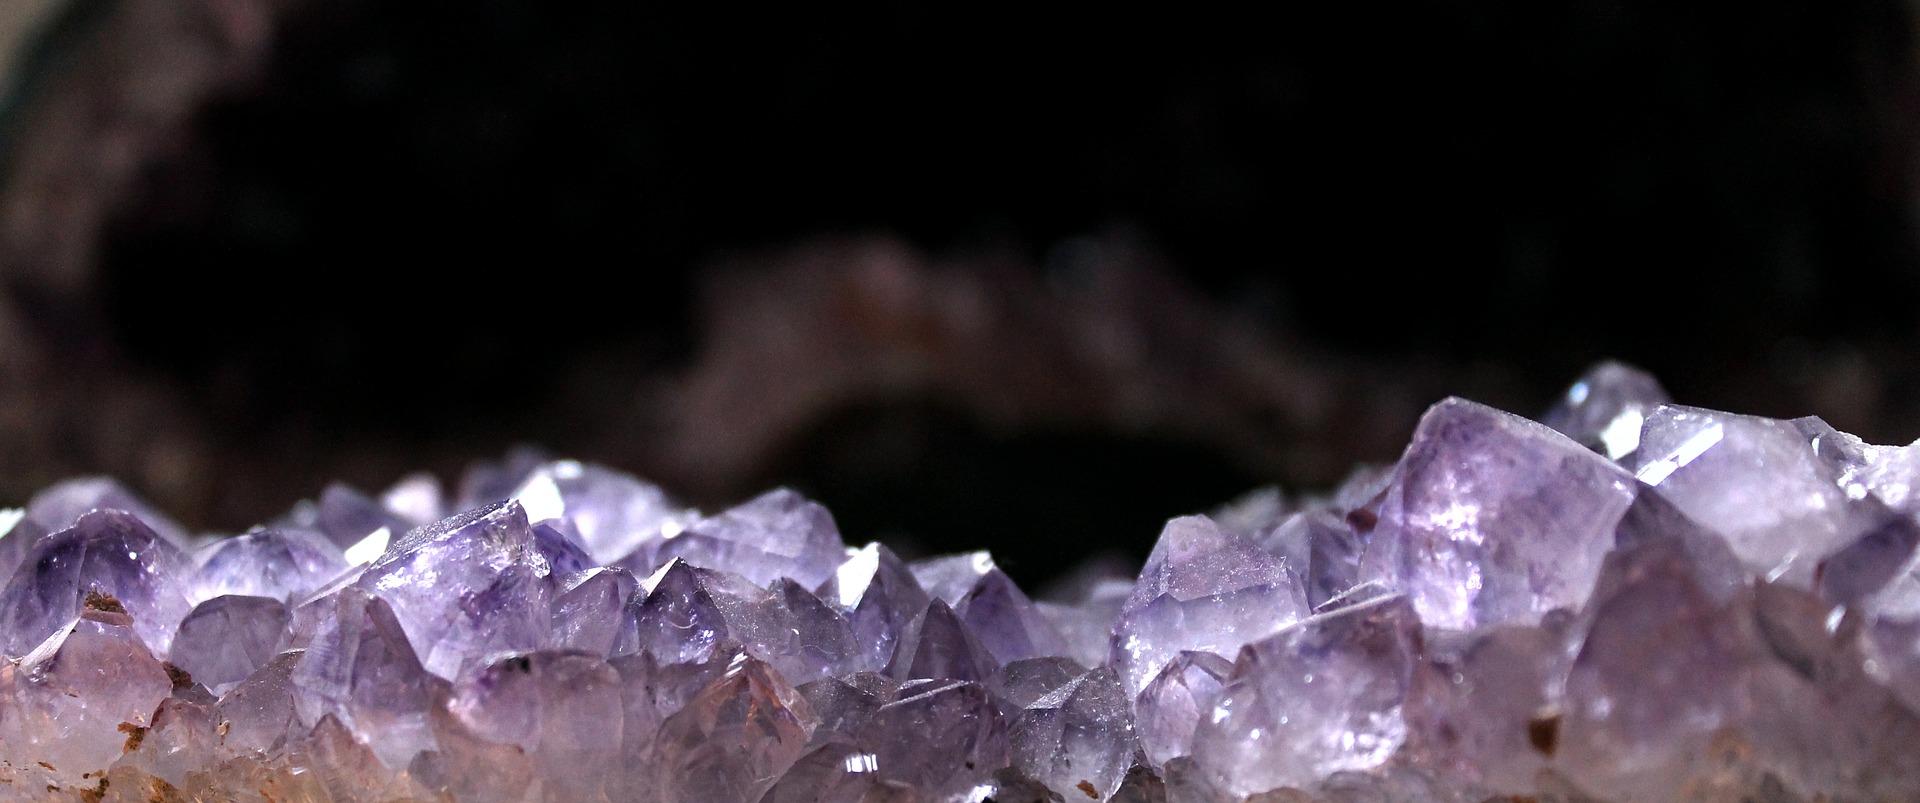 Kameny jako pomoc při onemocnění